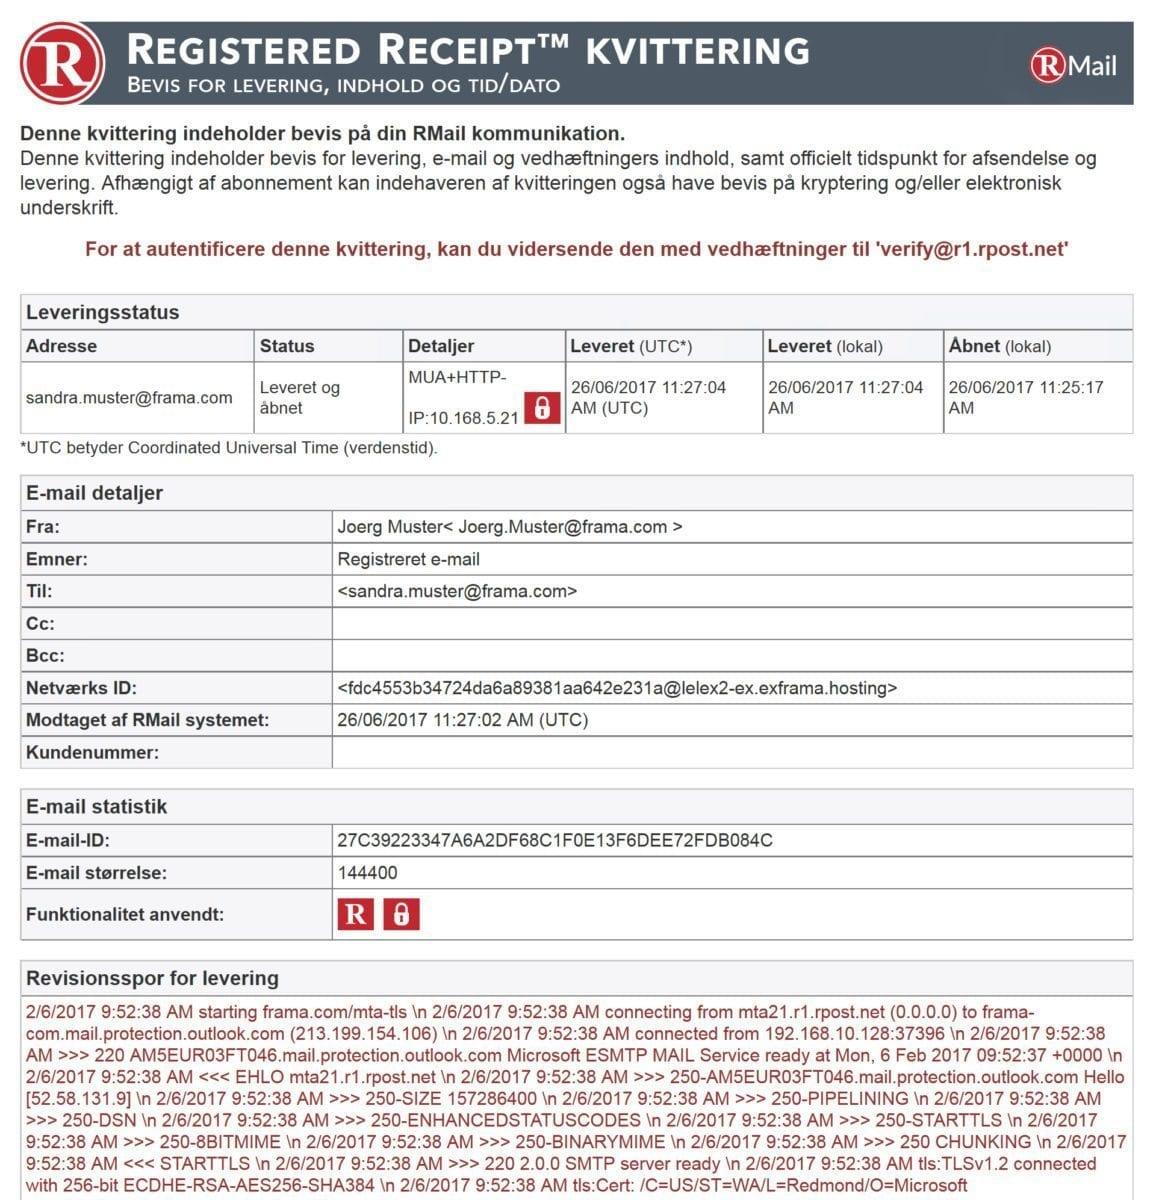 Registreret sporbar e-mail